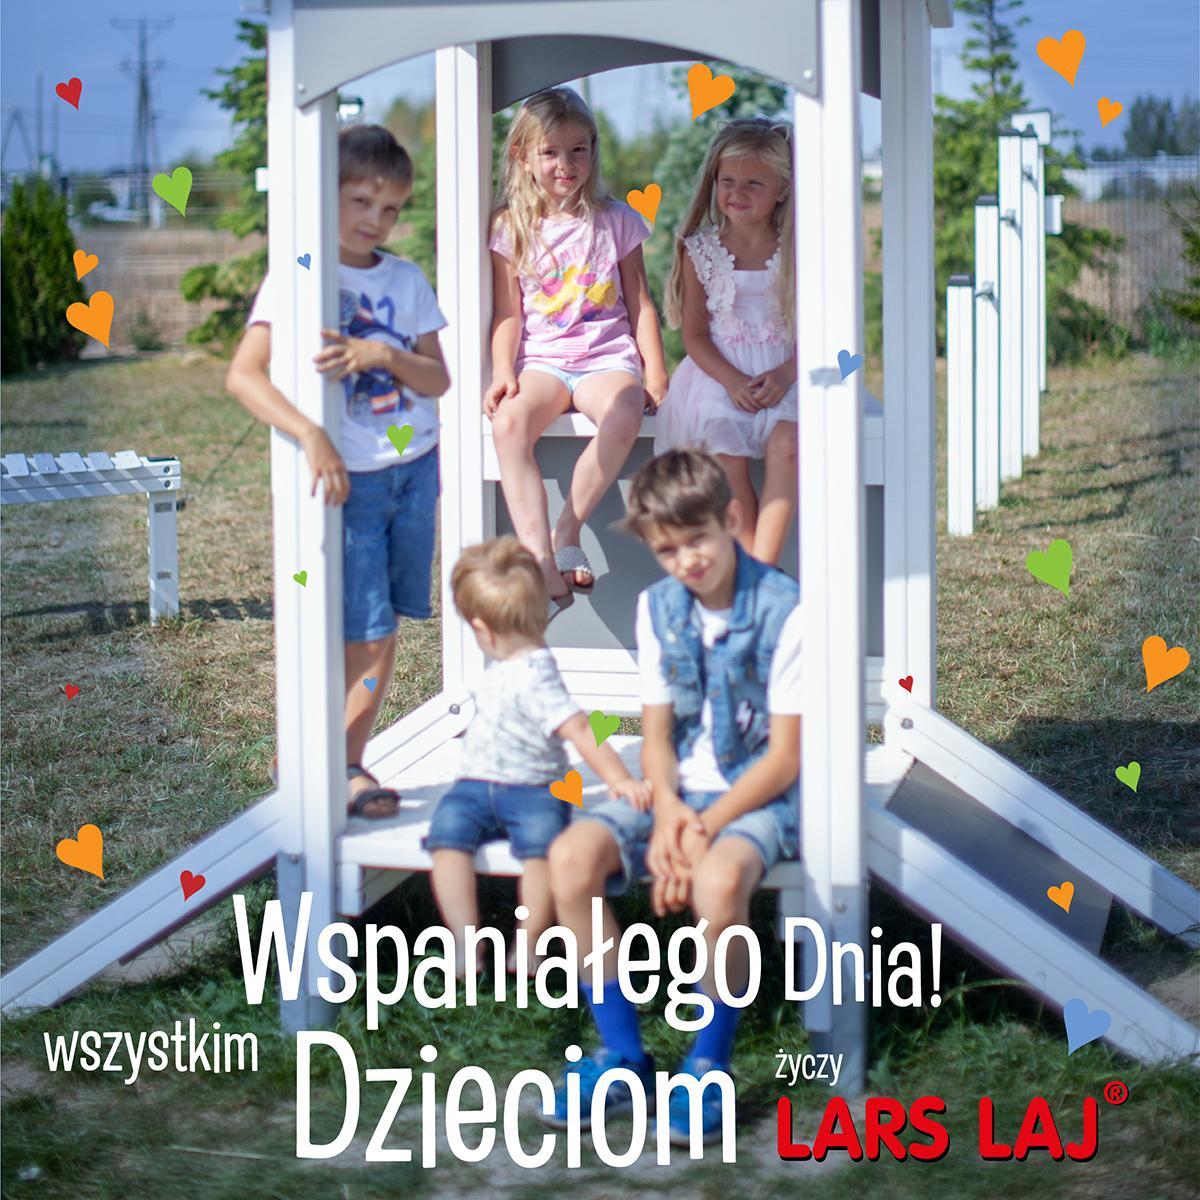 Dzień-dziecka-2020-Lars-Laj